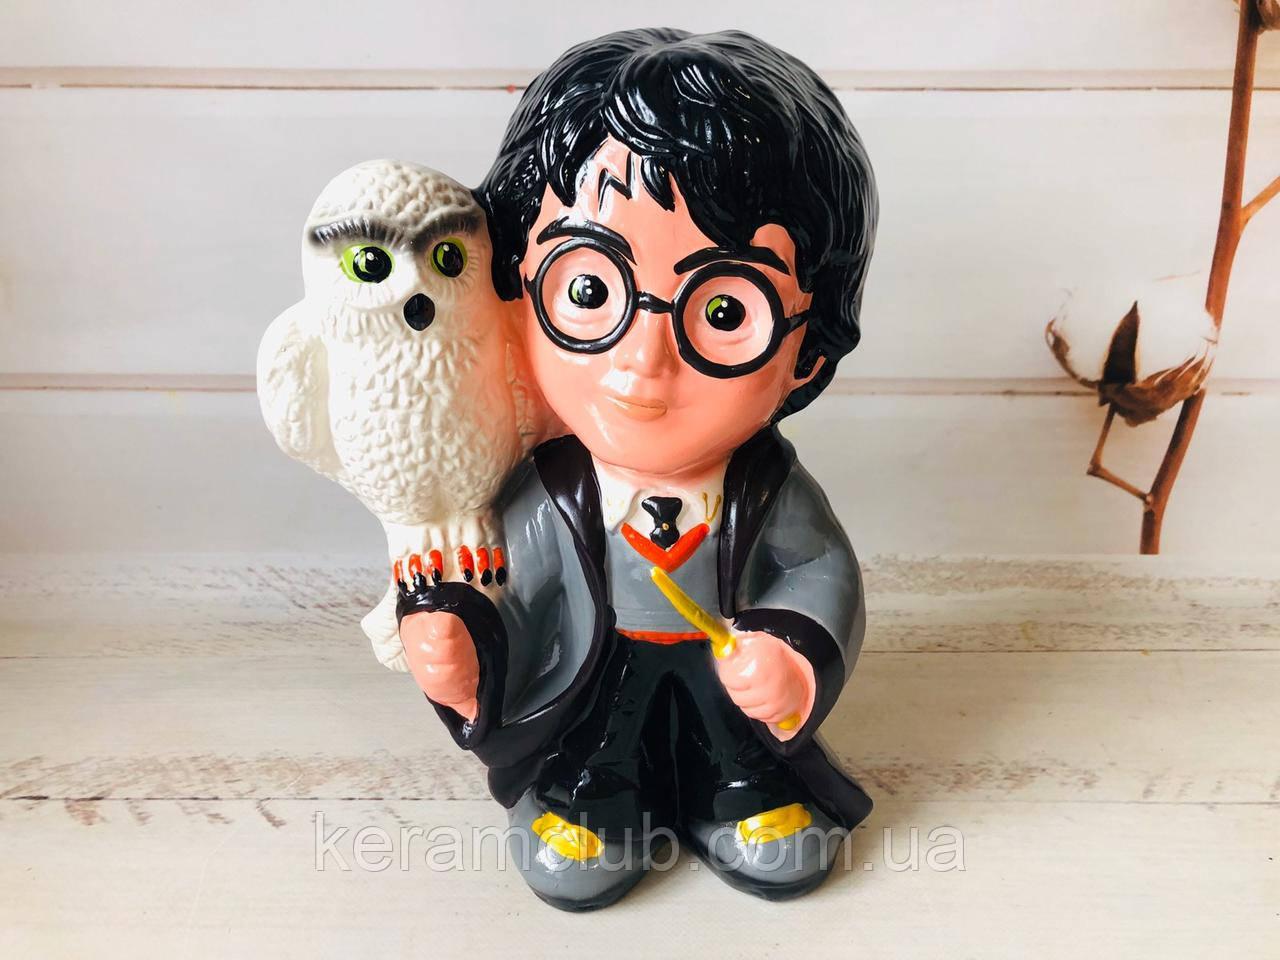 Керамічна скарбничка Гаррі Поттер з совою h 30 см